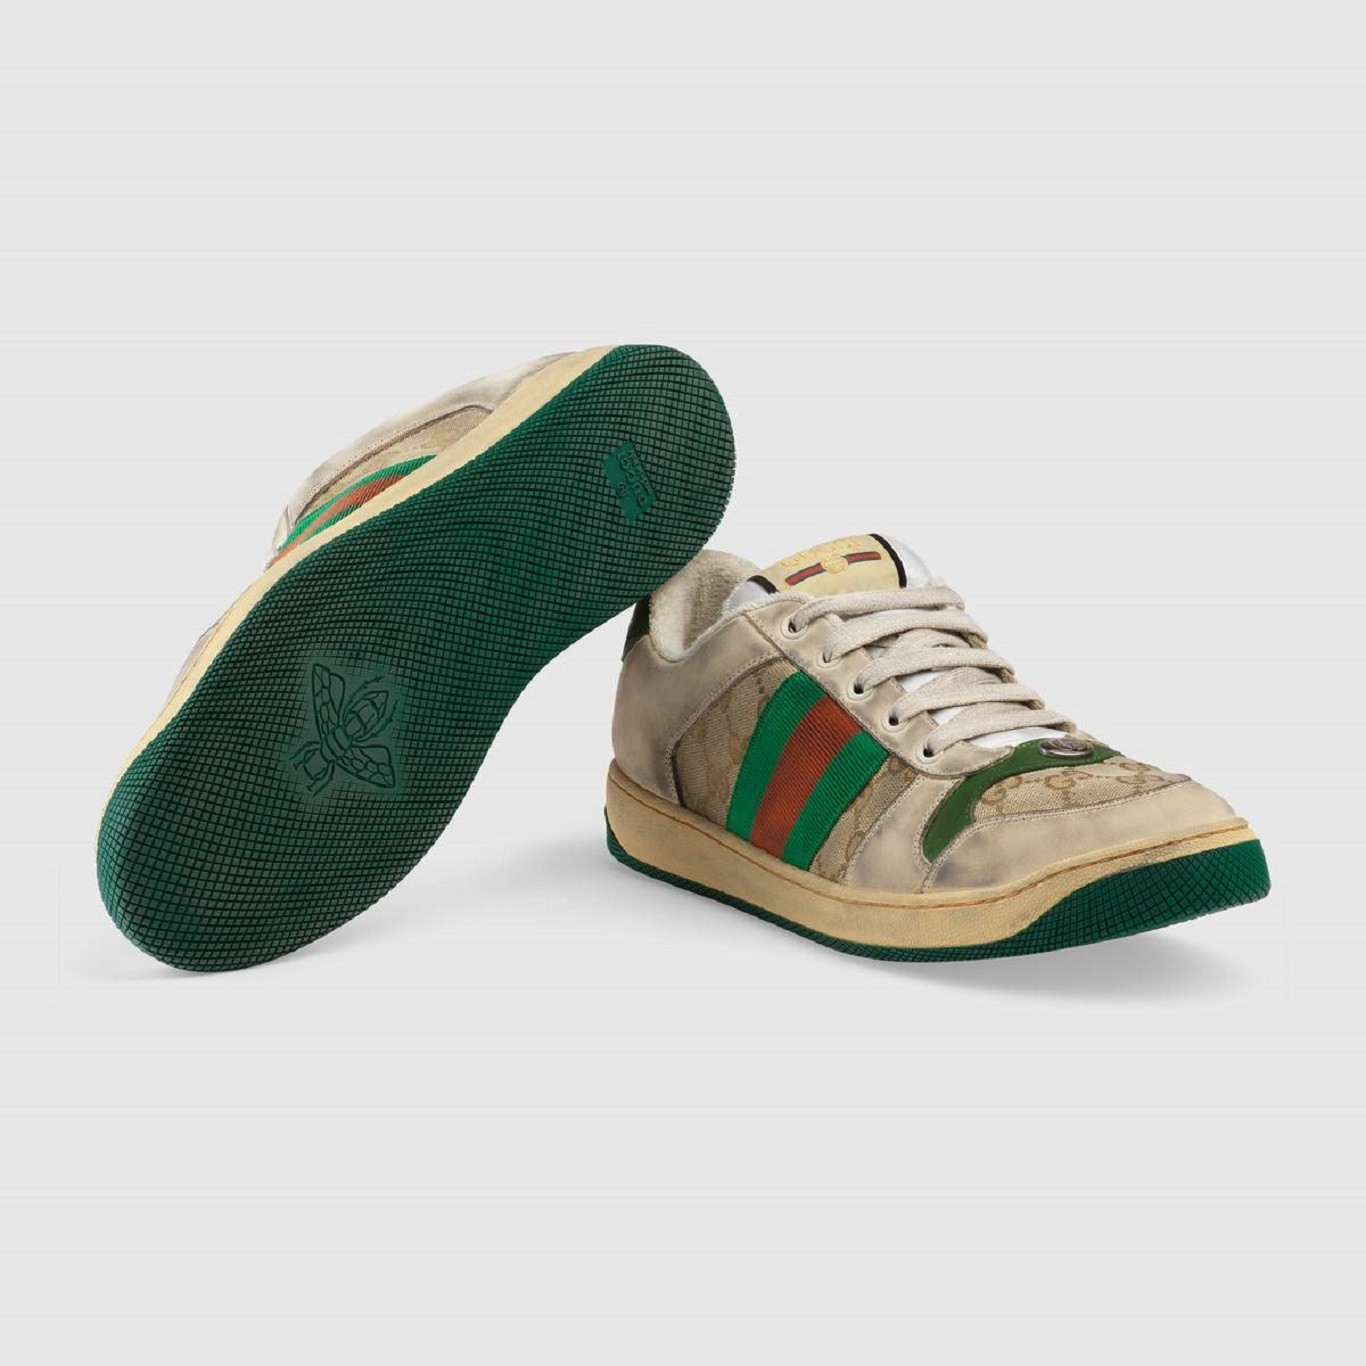 d354a35cae7d4 Las nuevas zapatillas de Gucci cuestan casi 700 euros y salen de la tienda  con apariencia de haber sido ya usadas (y mucho)